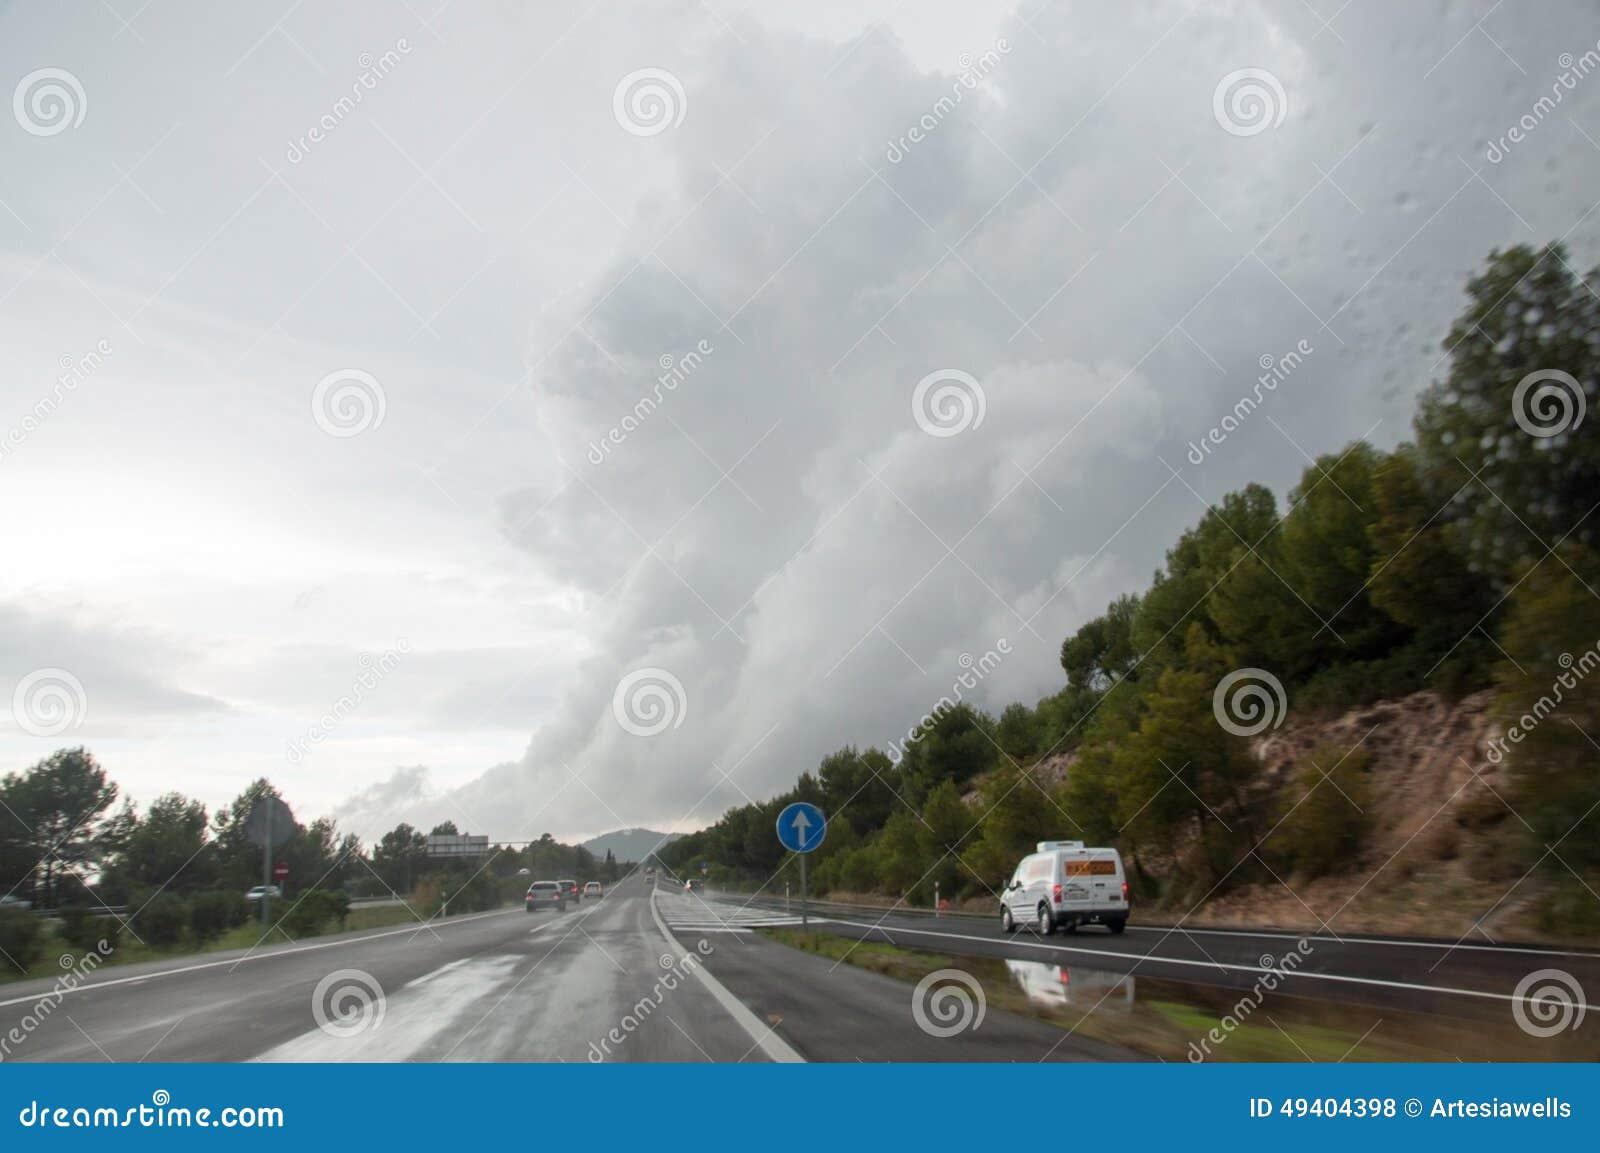 Download Drastische Wolke redaktionelles stockfoto. Bild von europa - 49404398